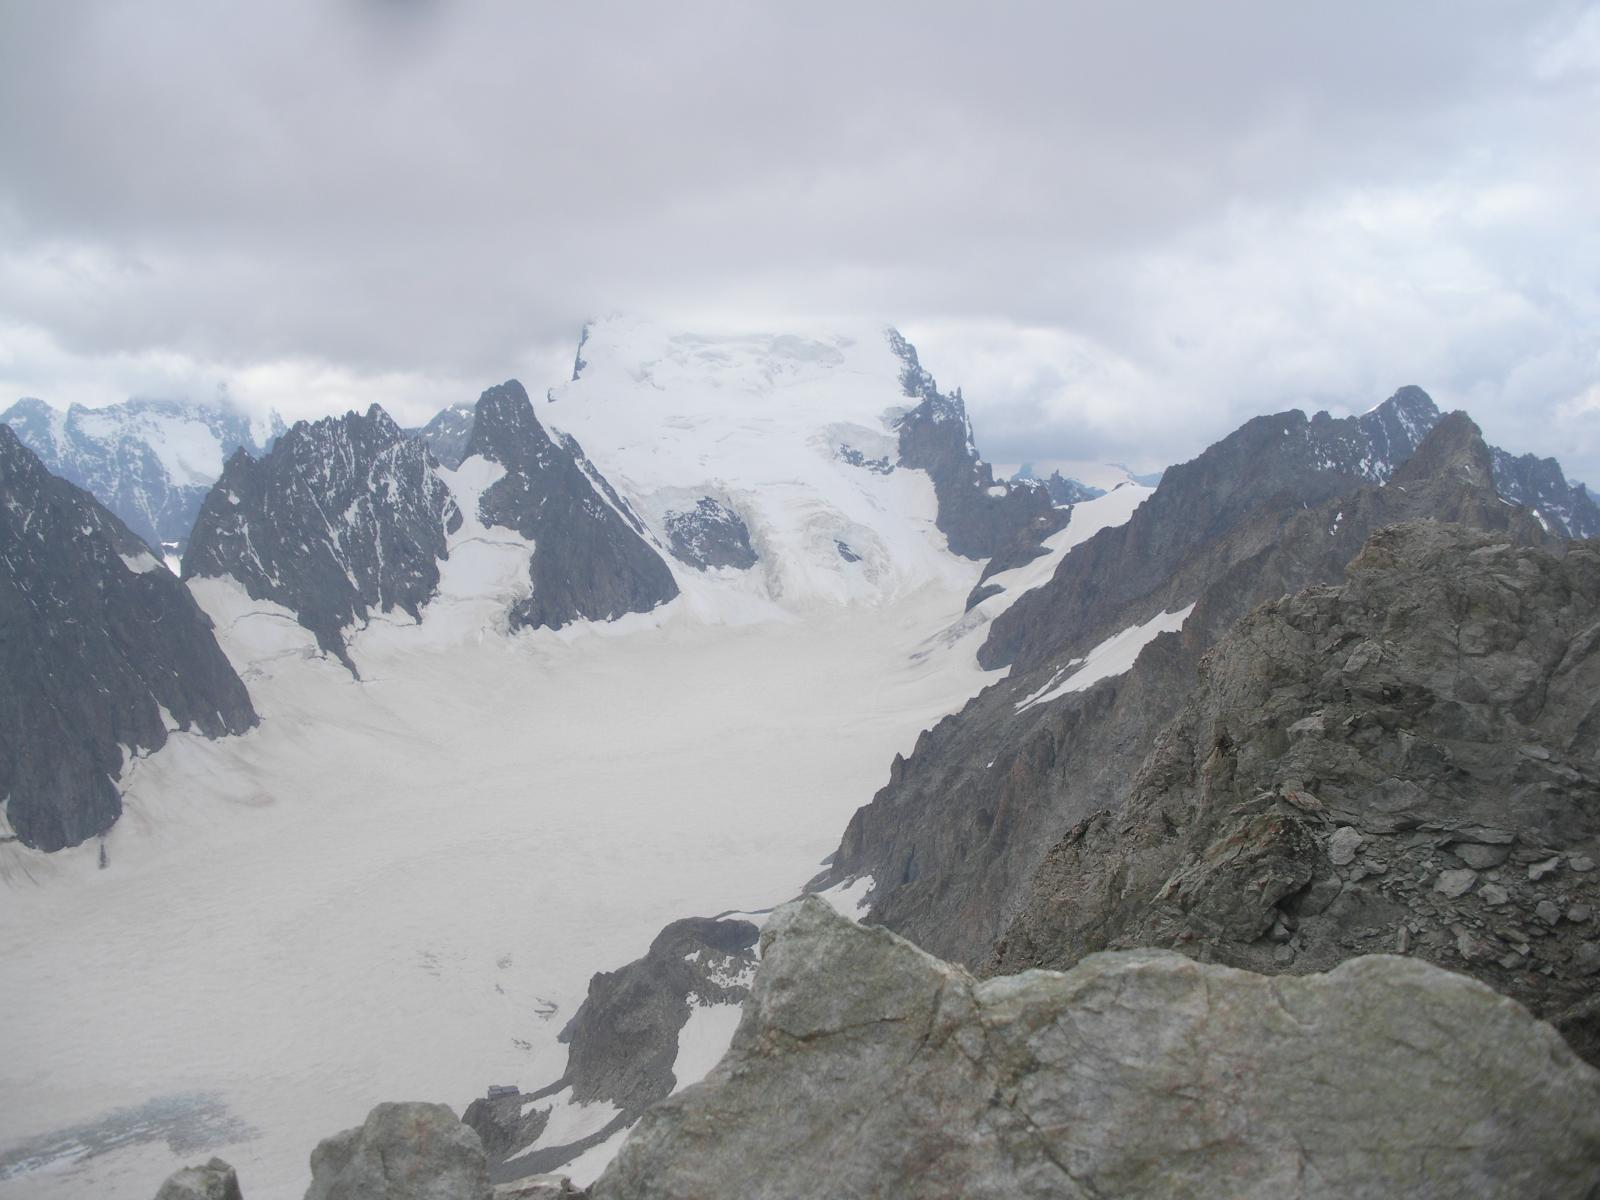 La Barre des Ecrins dal Pic de Neige Cordier..semisepolta nelle nuvole..